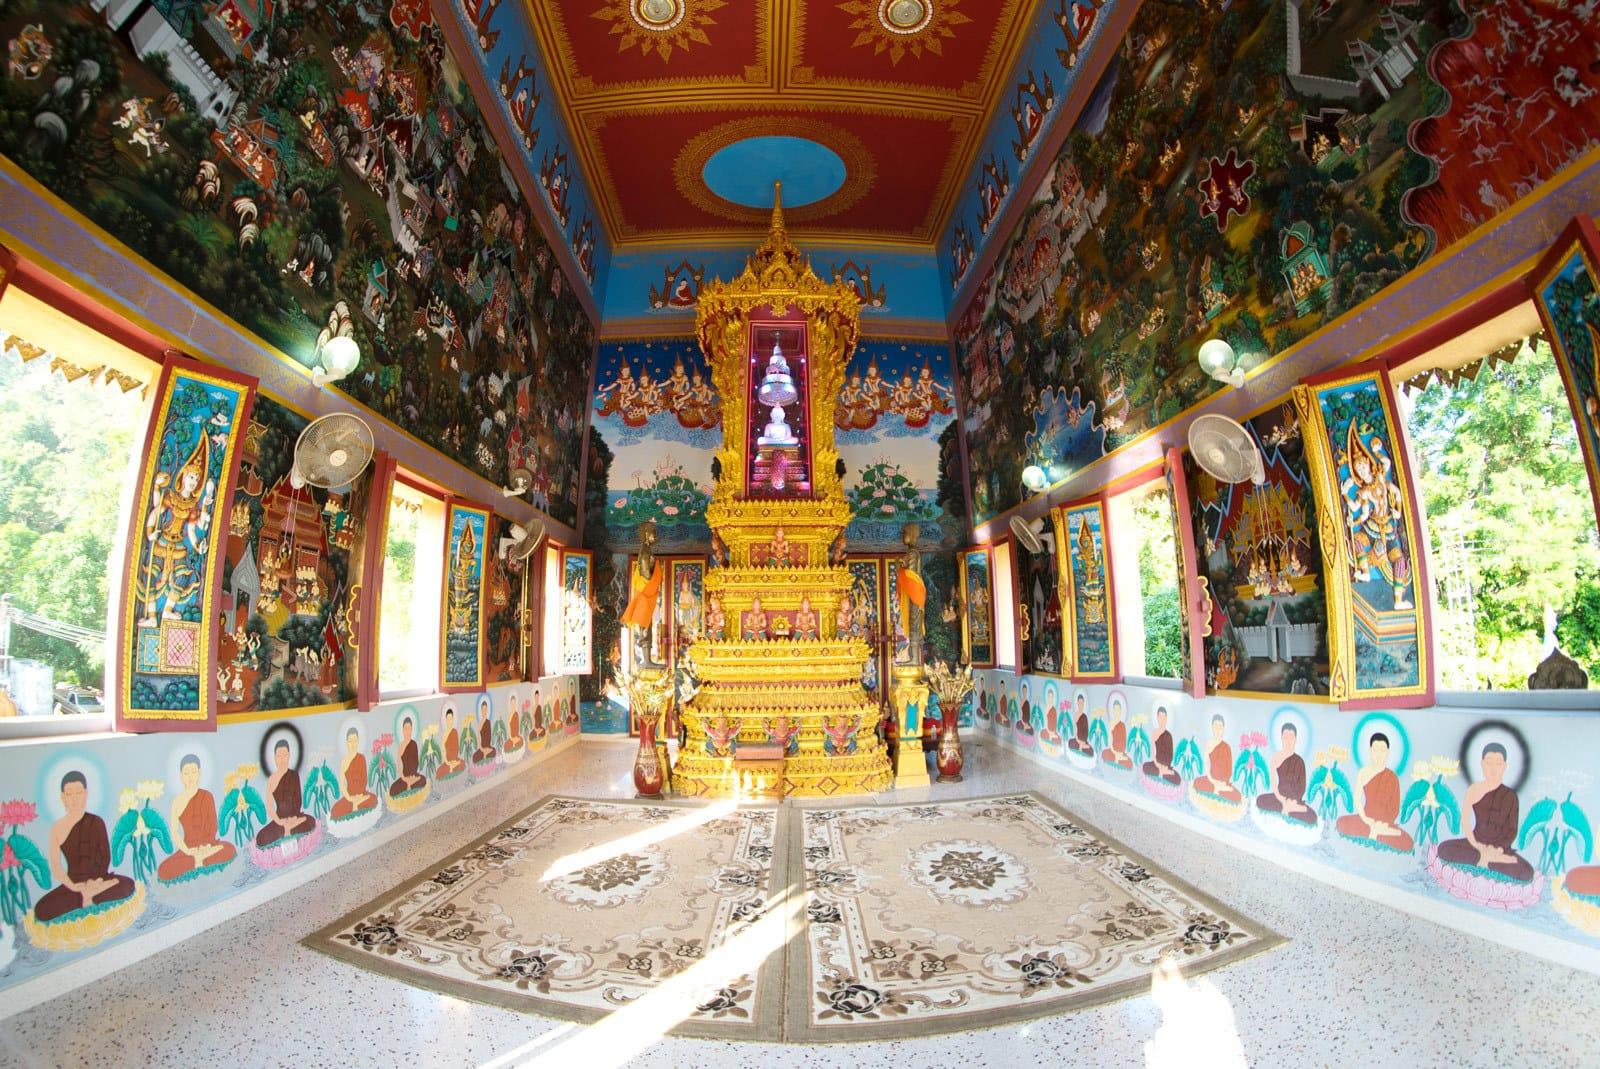 Innenraum vom Tempel Khao Rang